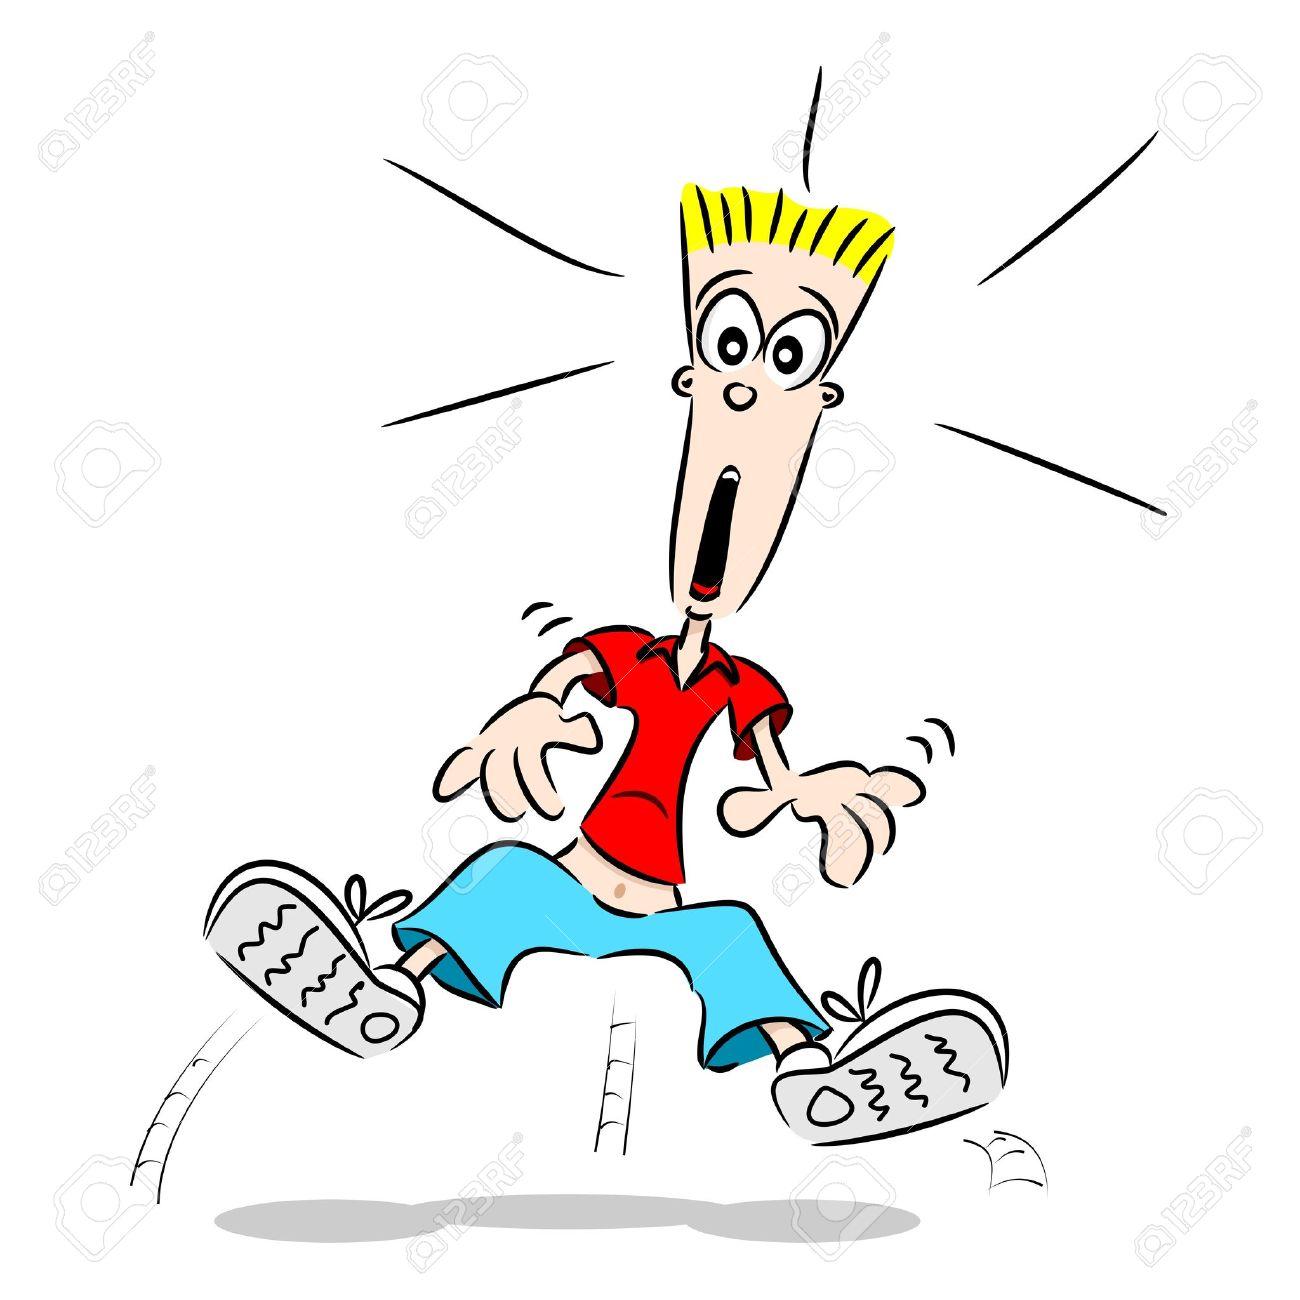 Eine Karikatur Kerl Sprang Vor Schreck Mit Schock Im Gesicht.